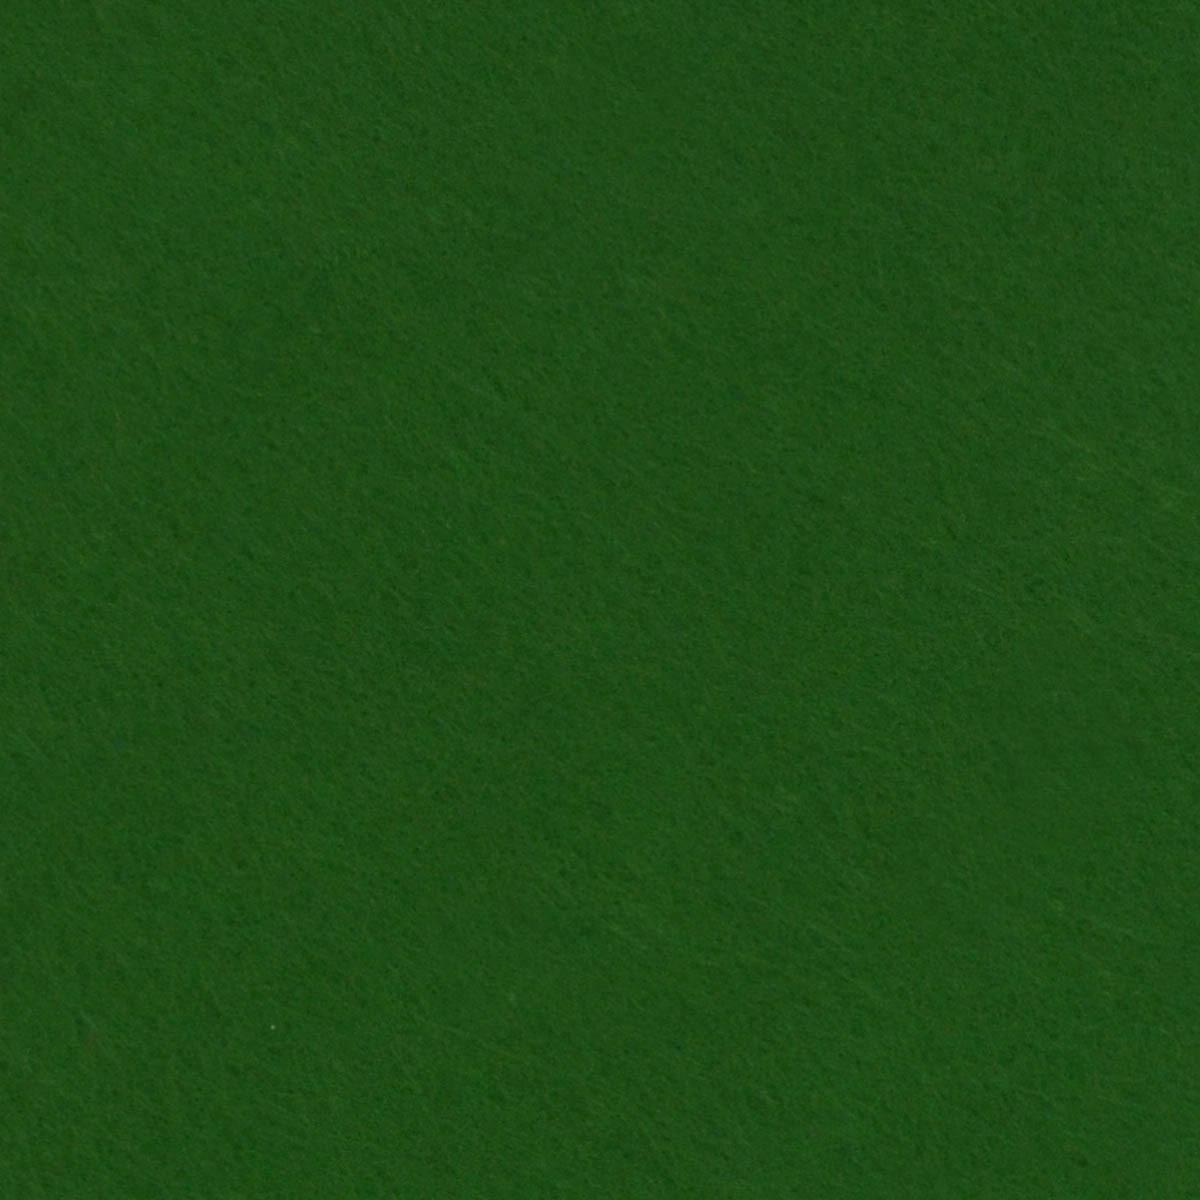 Набор Фетр жесткий, светло-зеленый, 21*30см (10л)